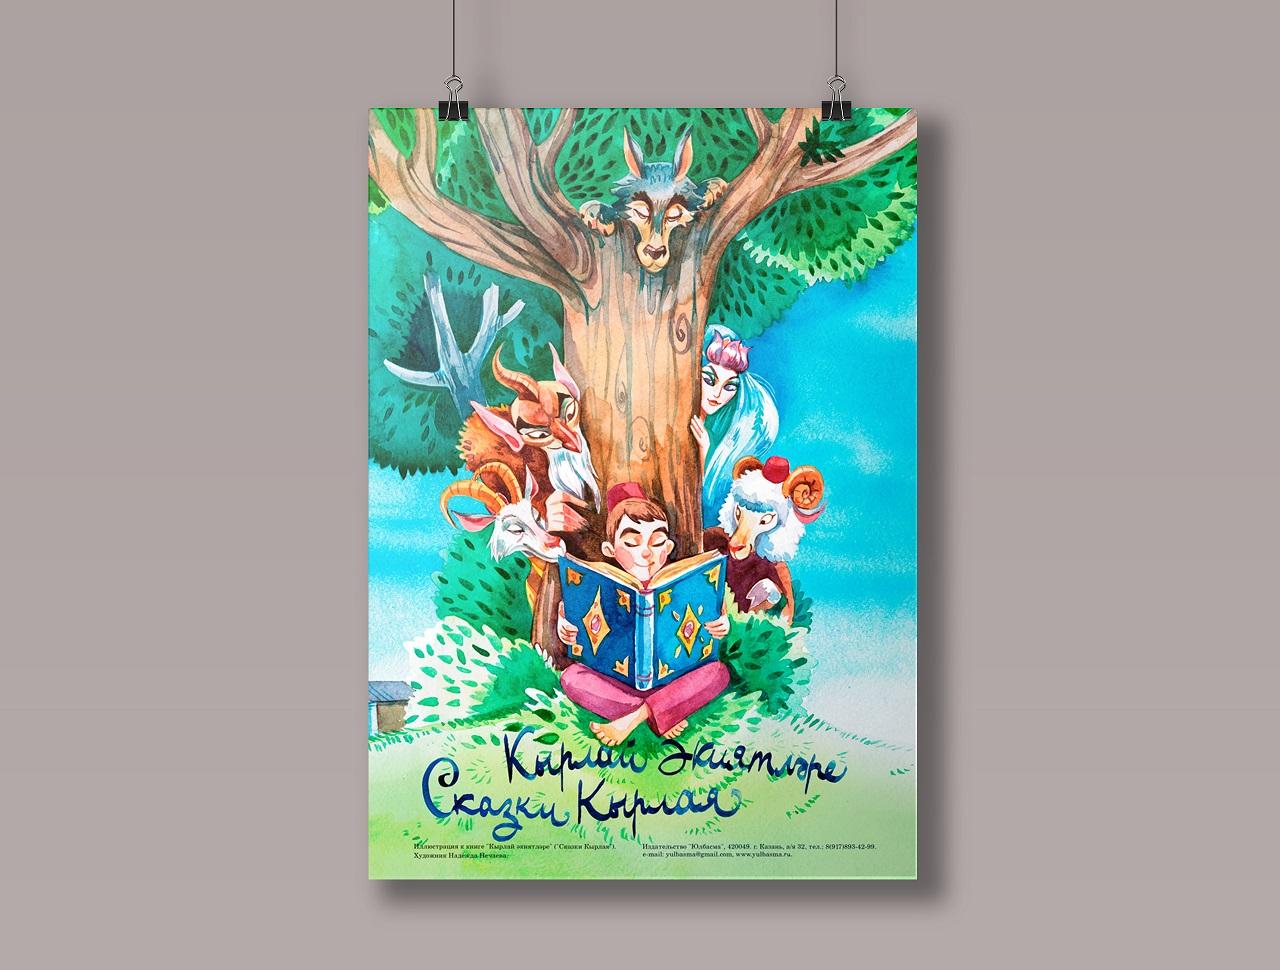 Постер «Кырлай экиятлэре» («Сказки Кырлая»)